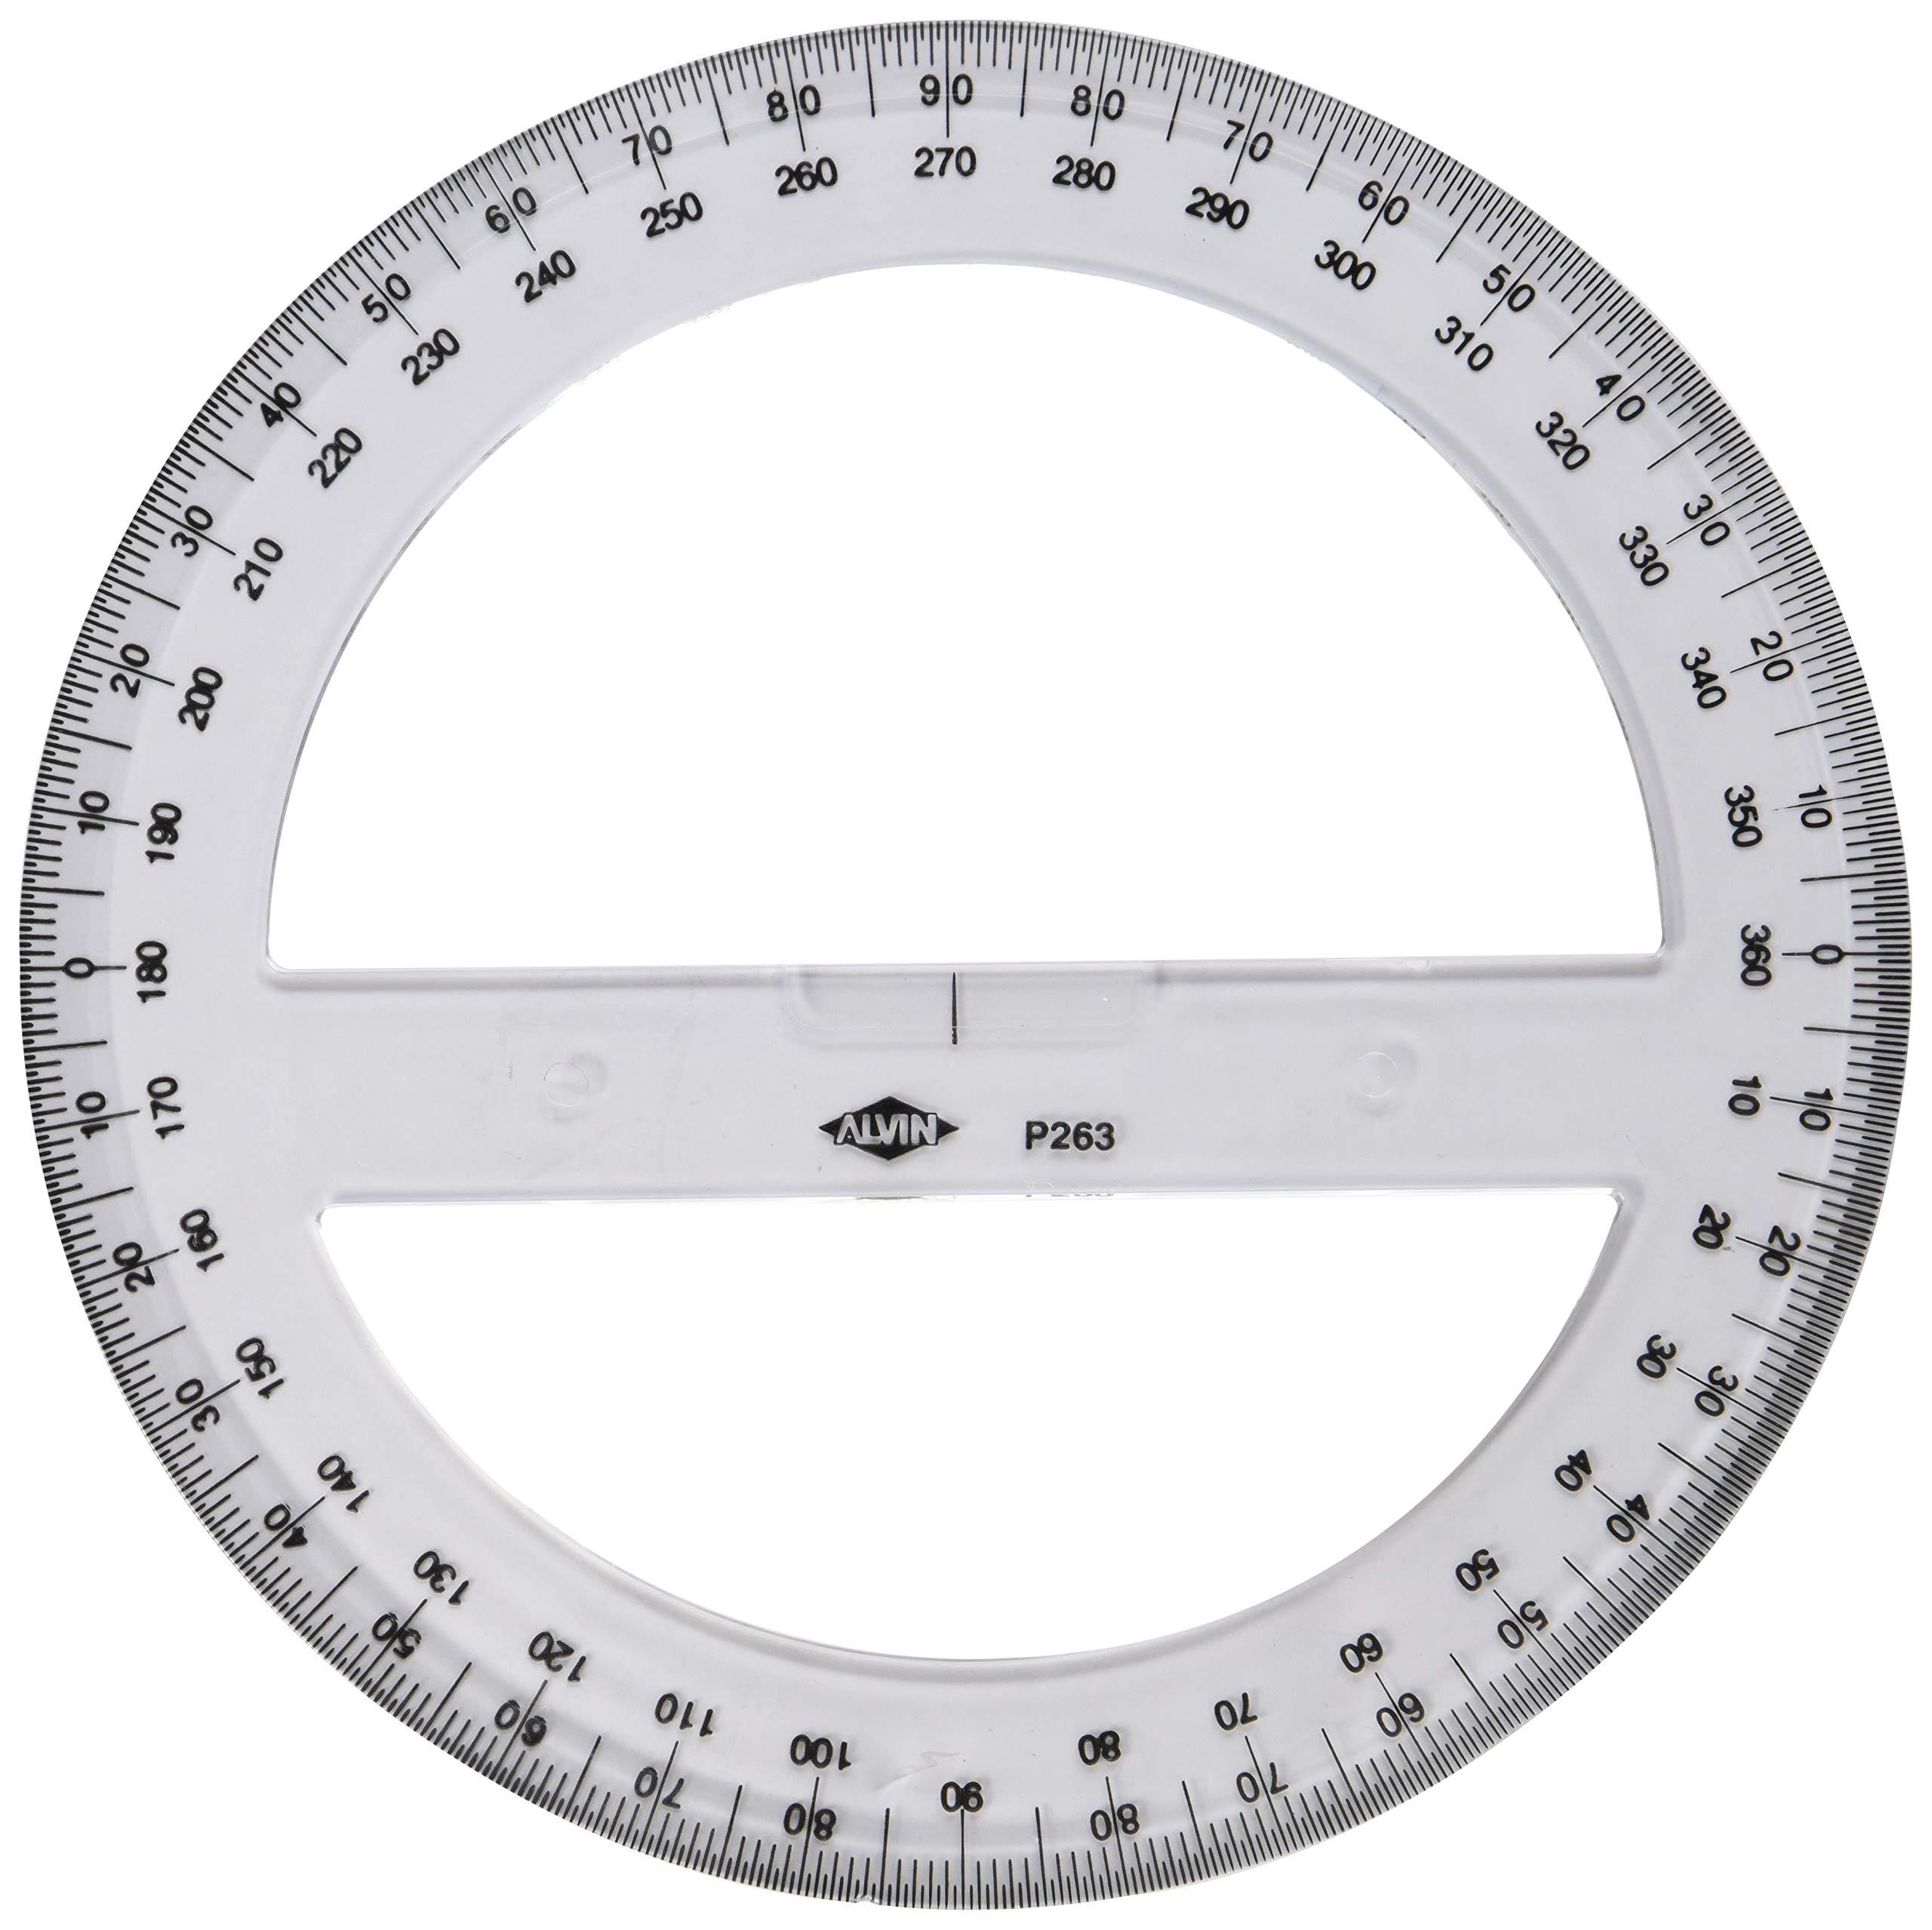 Alvin Circular Protractor, 8'' (P263) by Alvin (Image #1)